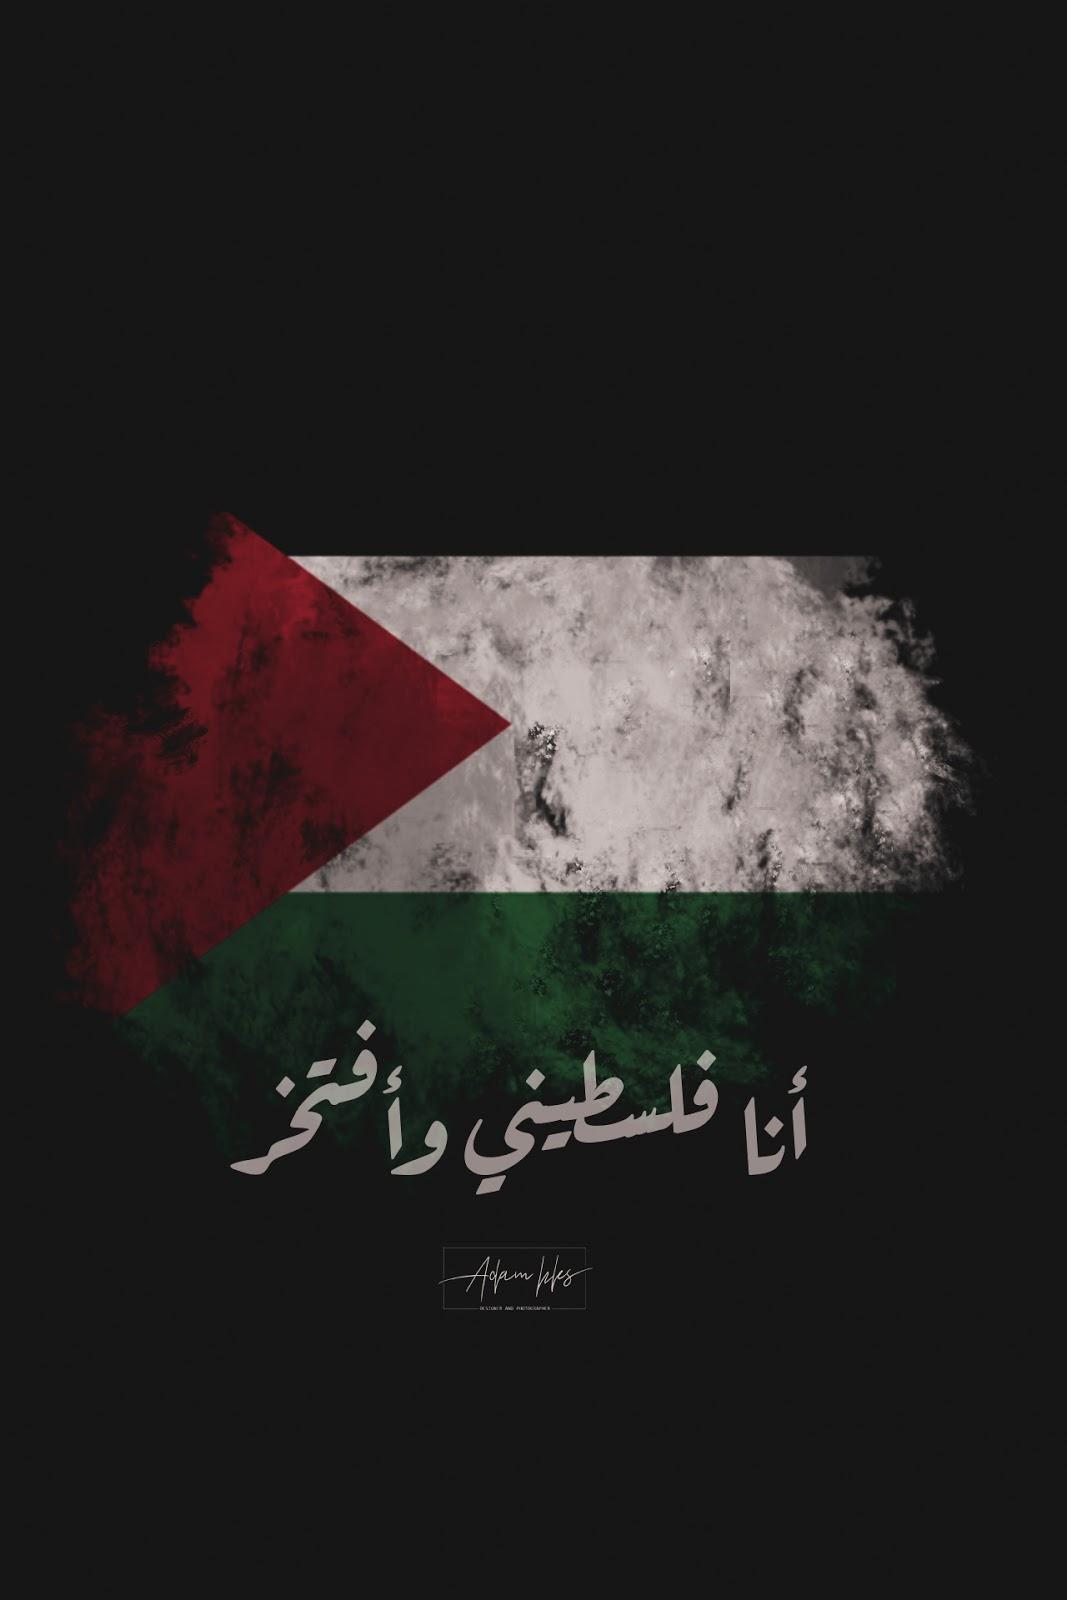 أنا فلسطيني وأفتخر